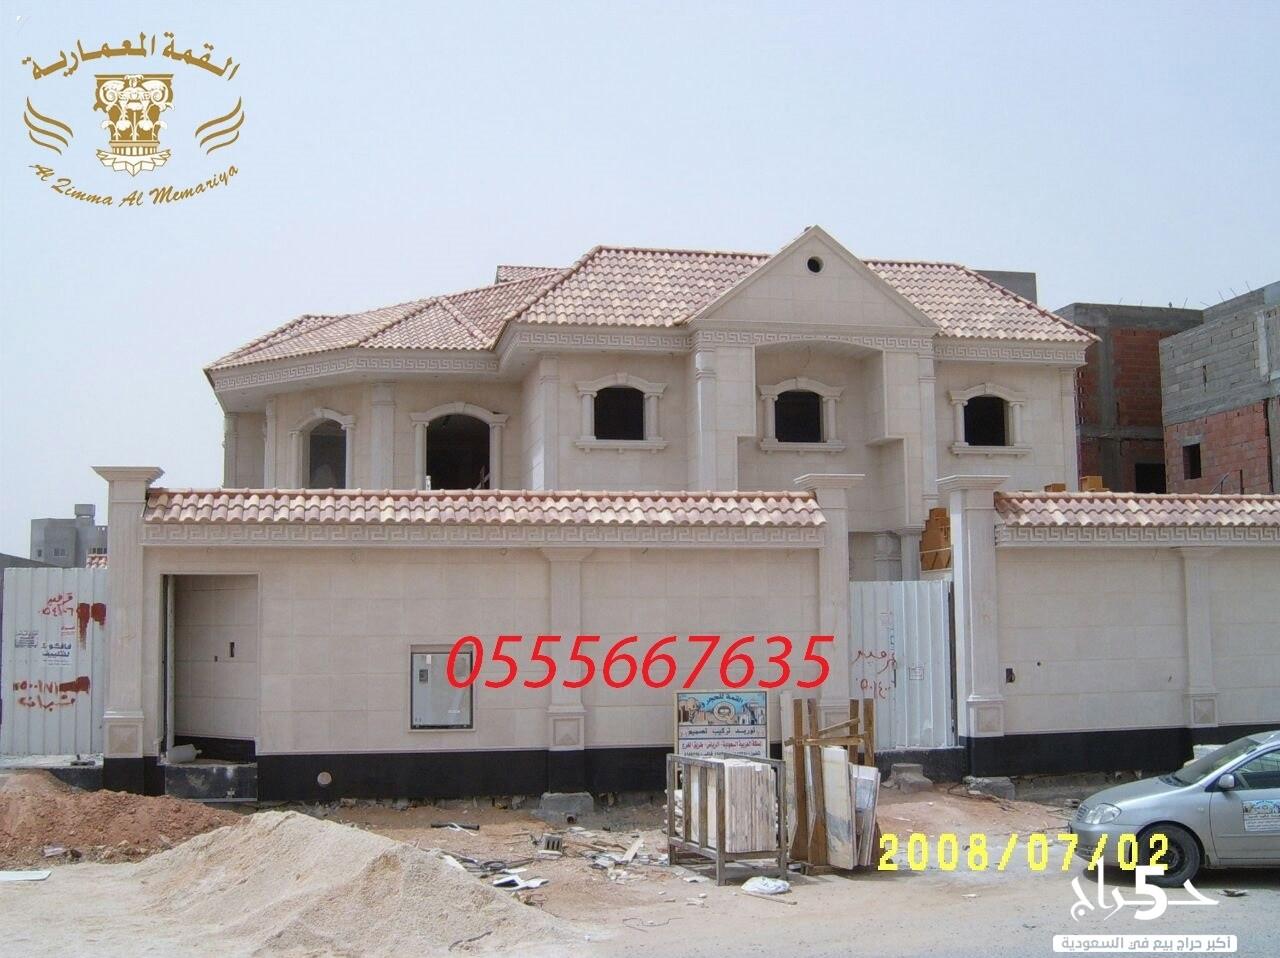 توريد وتركيب حجر الرياض حجر طبيعي 0555667635